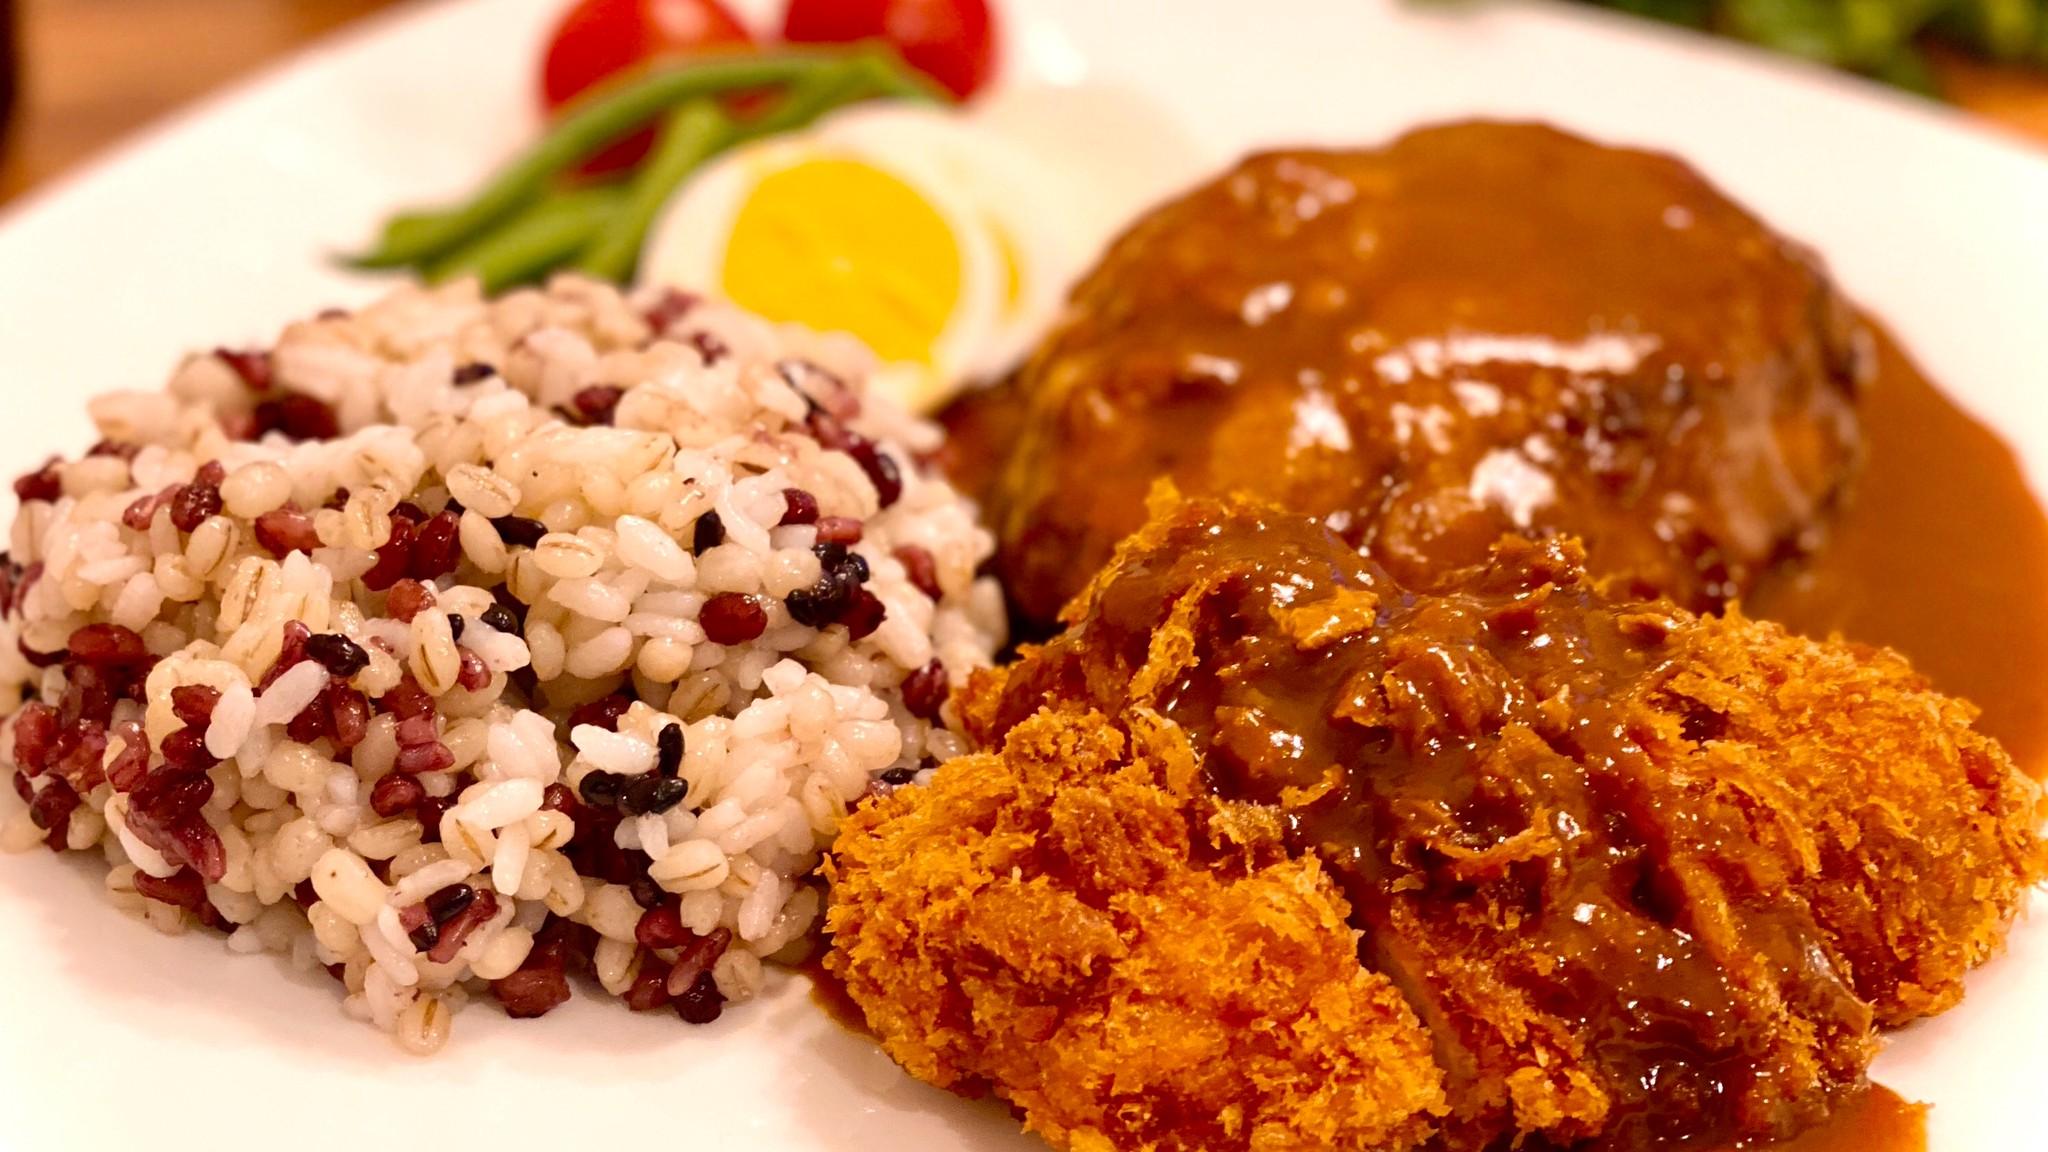 老舗洋食店「フライヤ」さん直伝!「もち麦ごはん」と「黒米・玄米入りもち麦ごはん」の素敵な食べ方